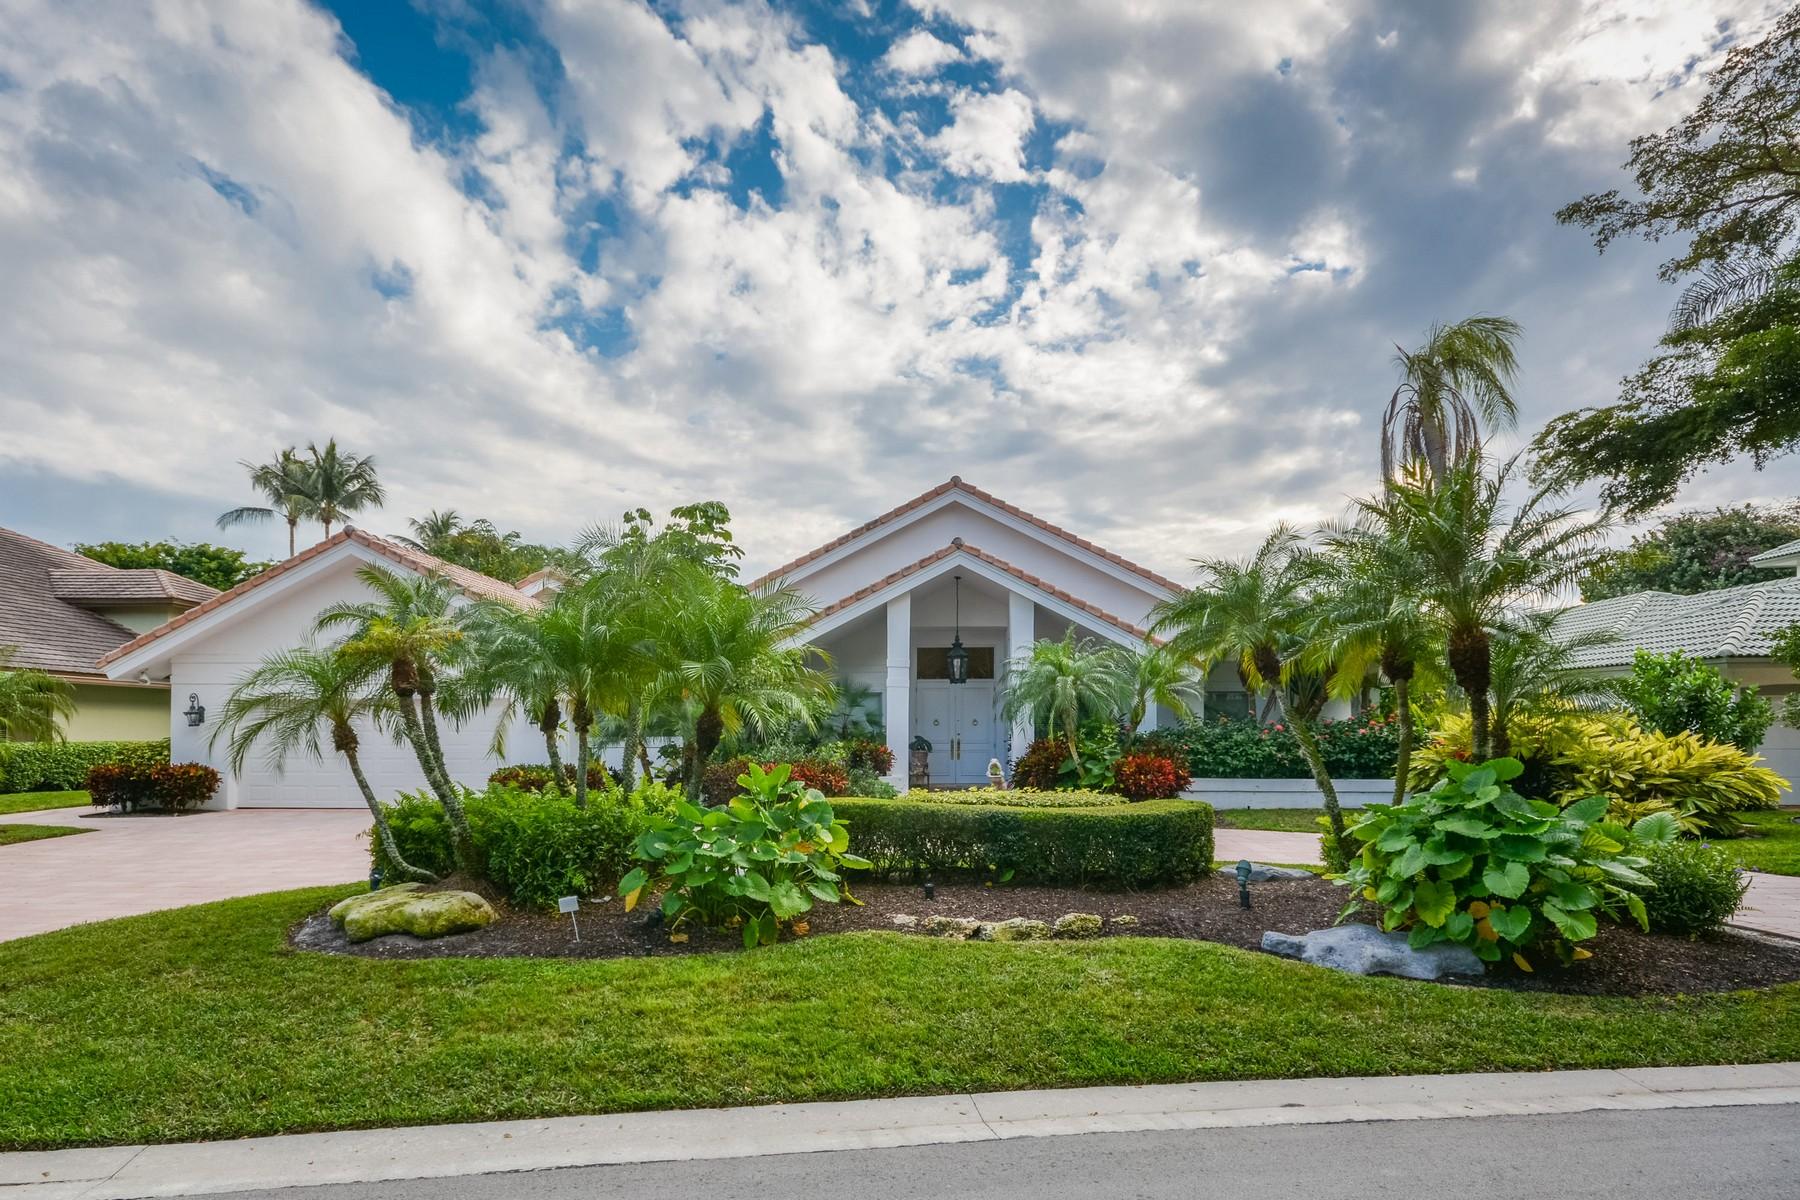 Einfamilienhaus für Verkauf beim 7500 Mahogany Bend Pl , Boca Raton, FL 33434 7500 Mahogany Bend Pl Boca Raton, Florida, 33434 Vereinigte Staaten